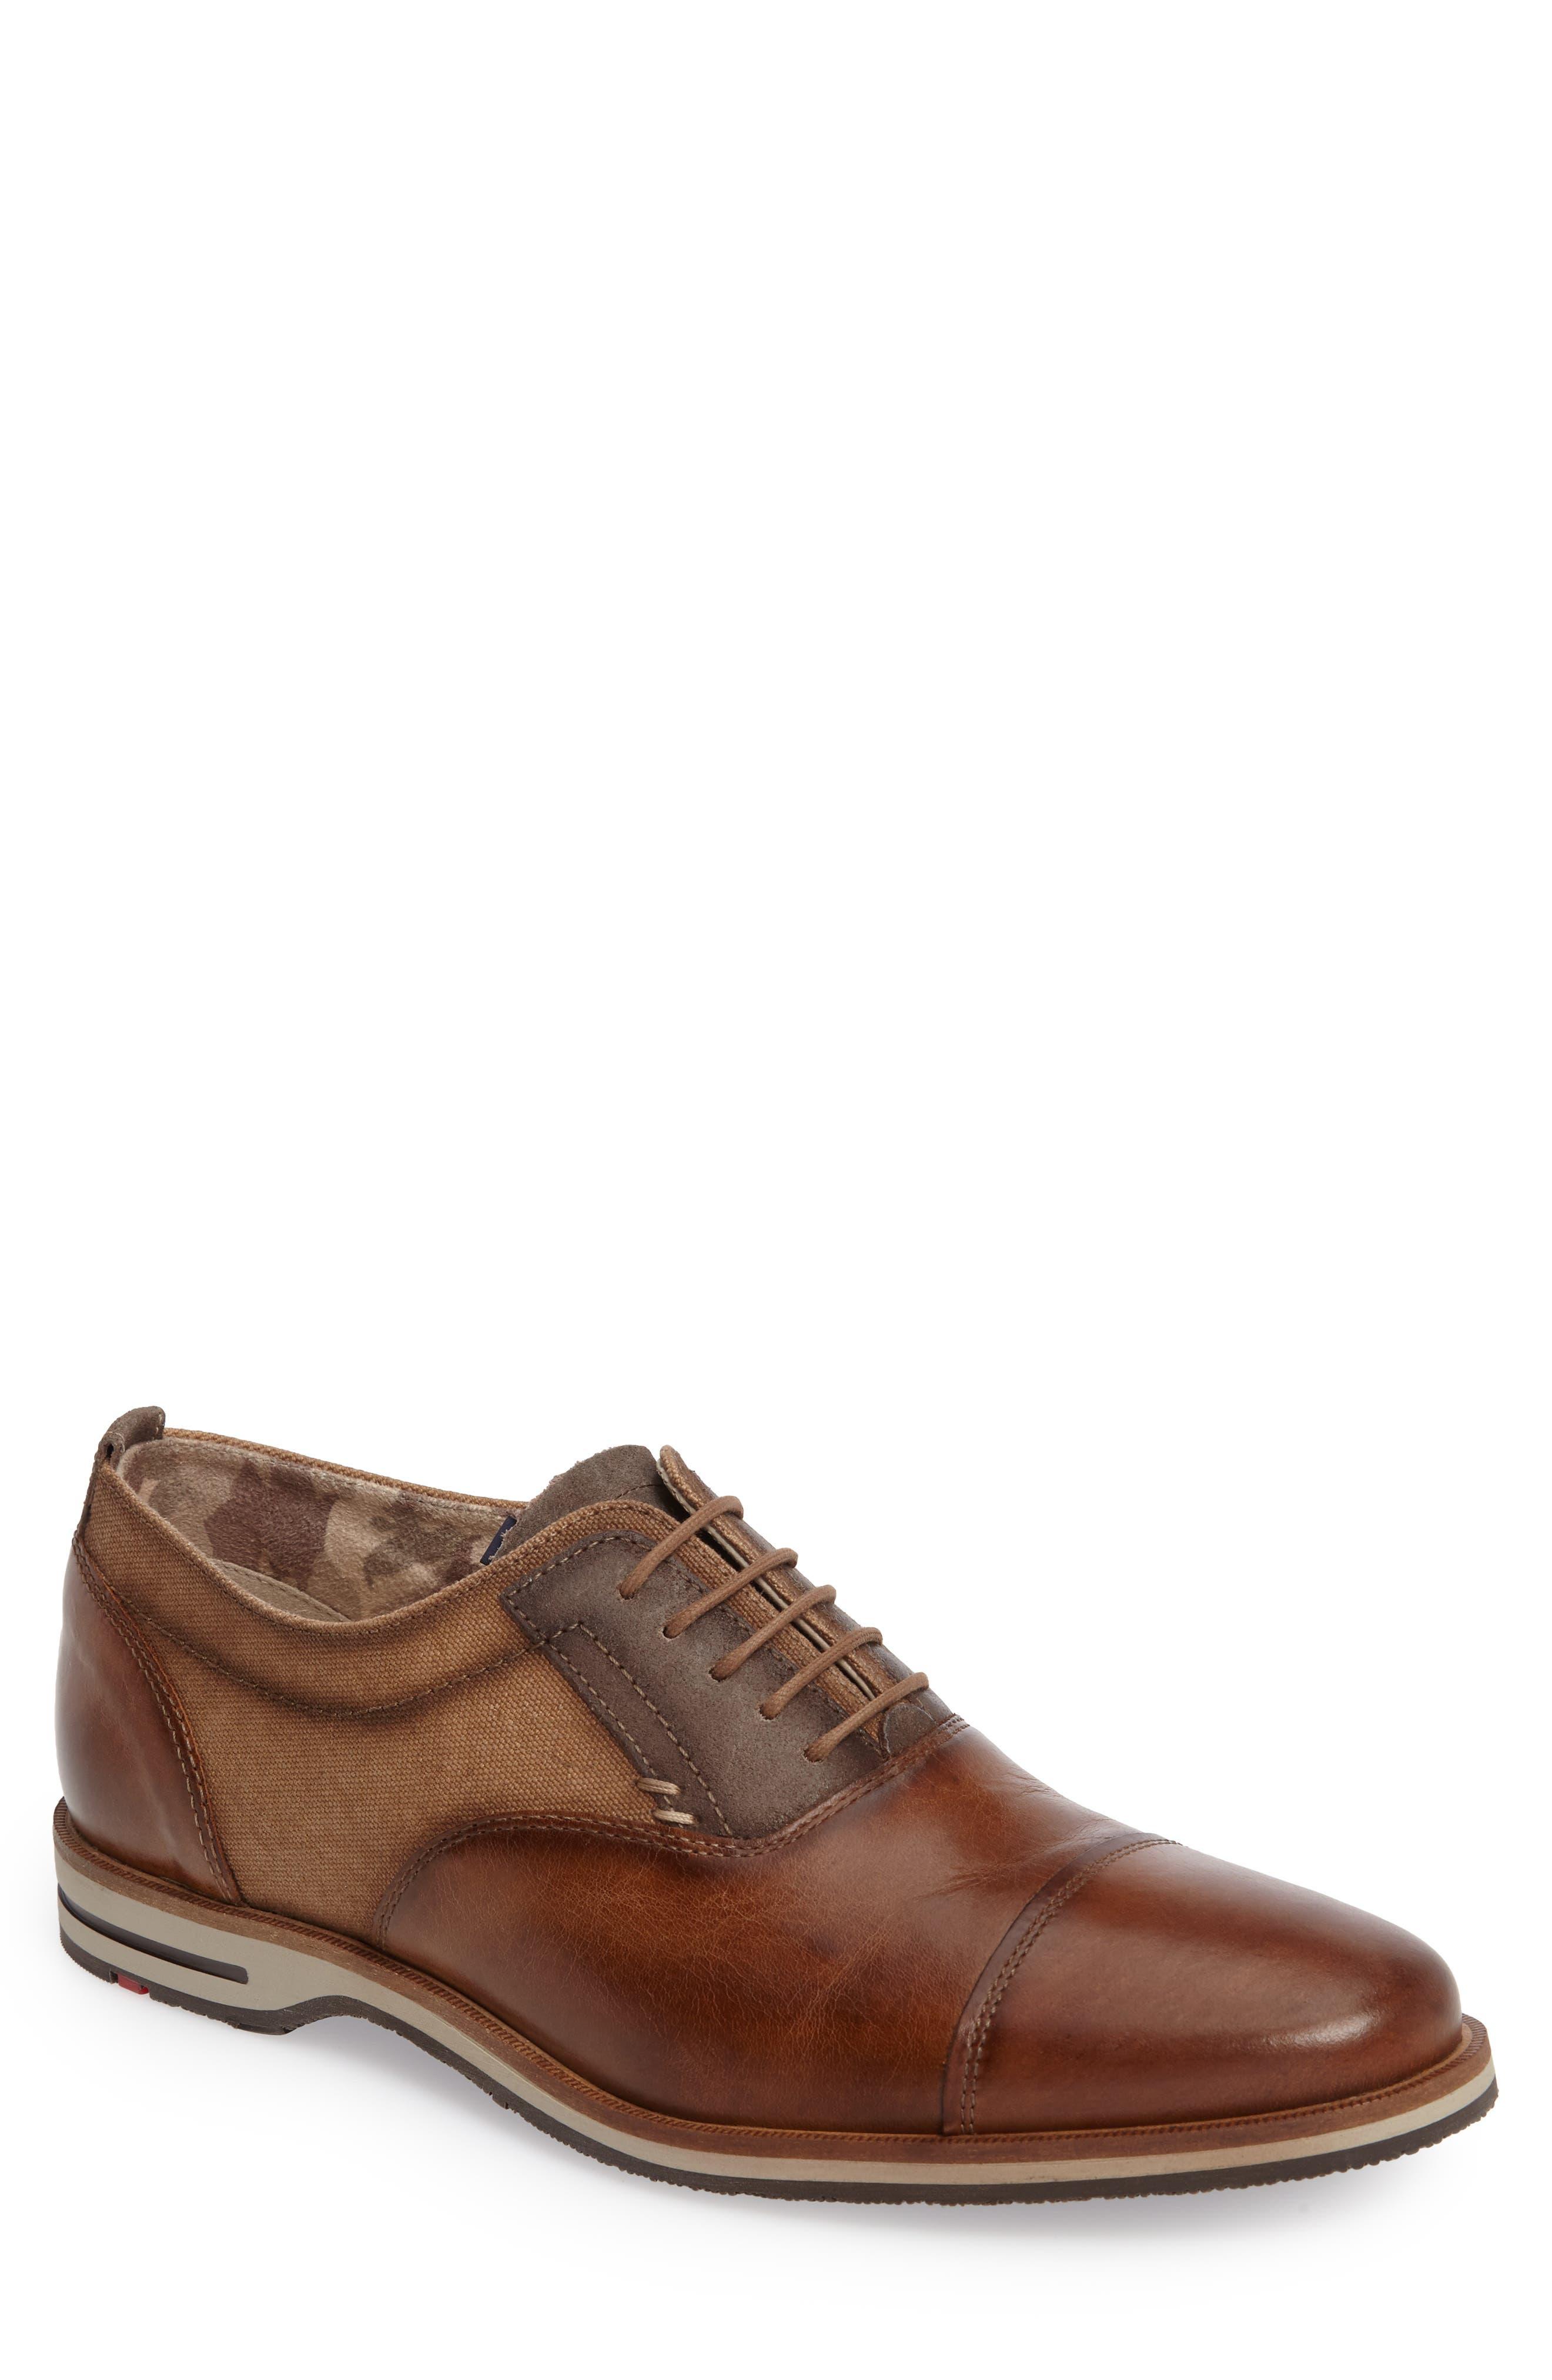 Lloyd Men's Denton Cap Toe Oxford 8wBfyBM71